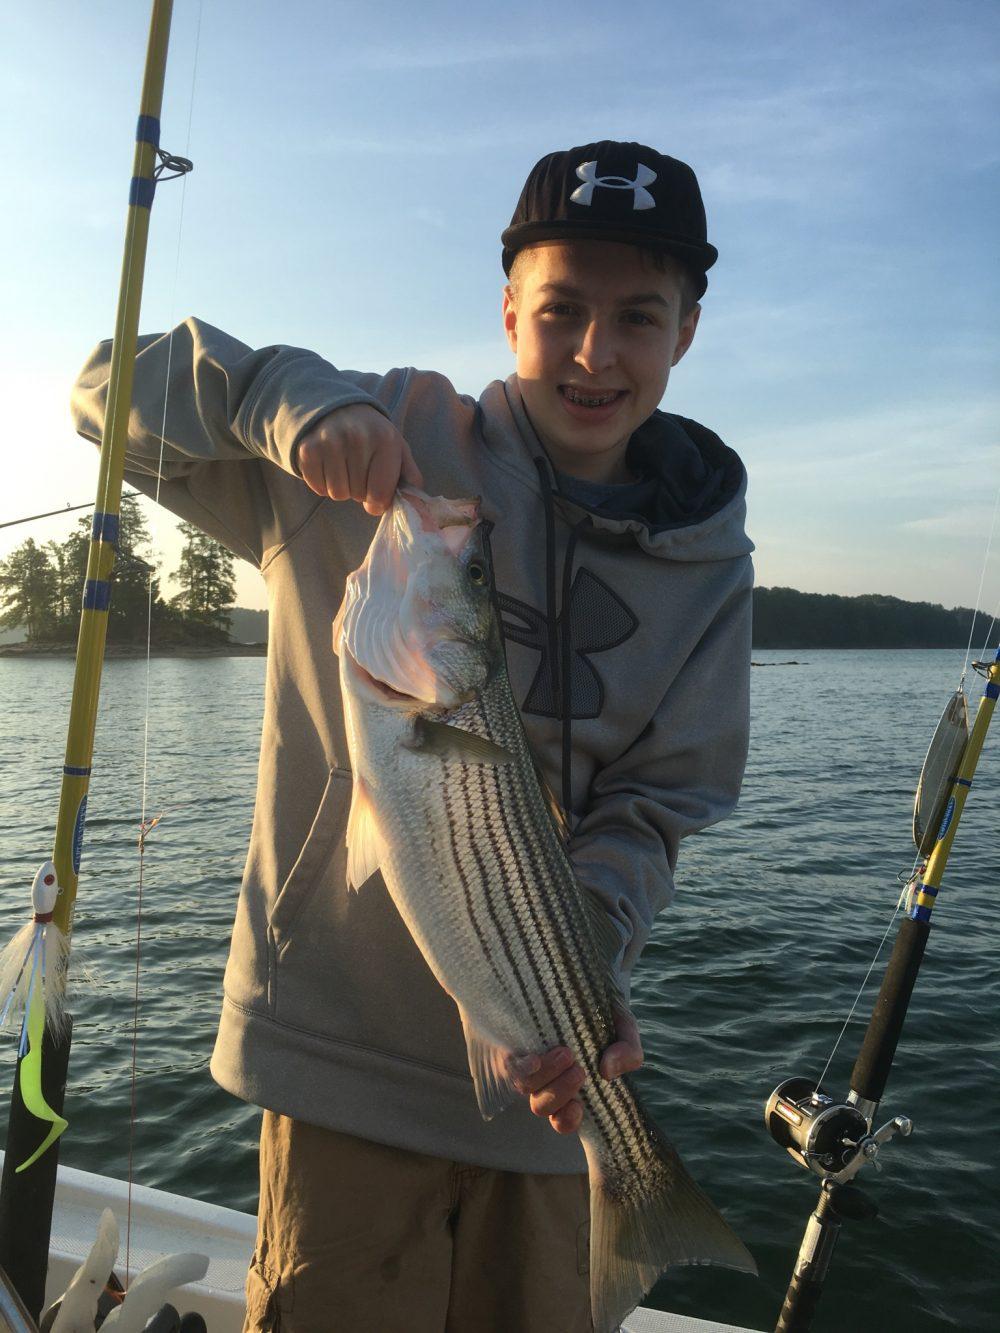 Lake lanier fishing report september 23 2016 captain mack 39 s for Fishing report lake lanier